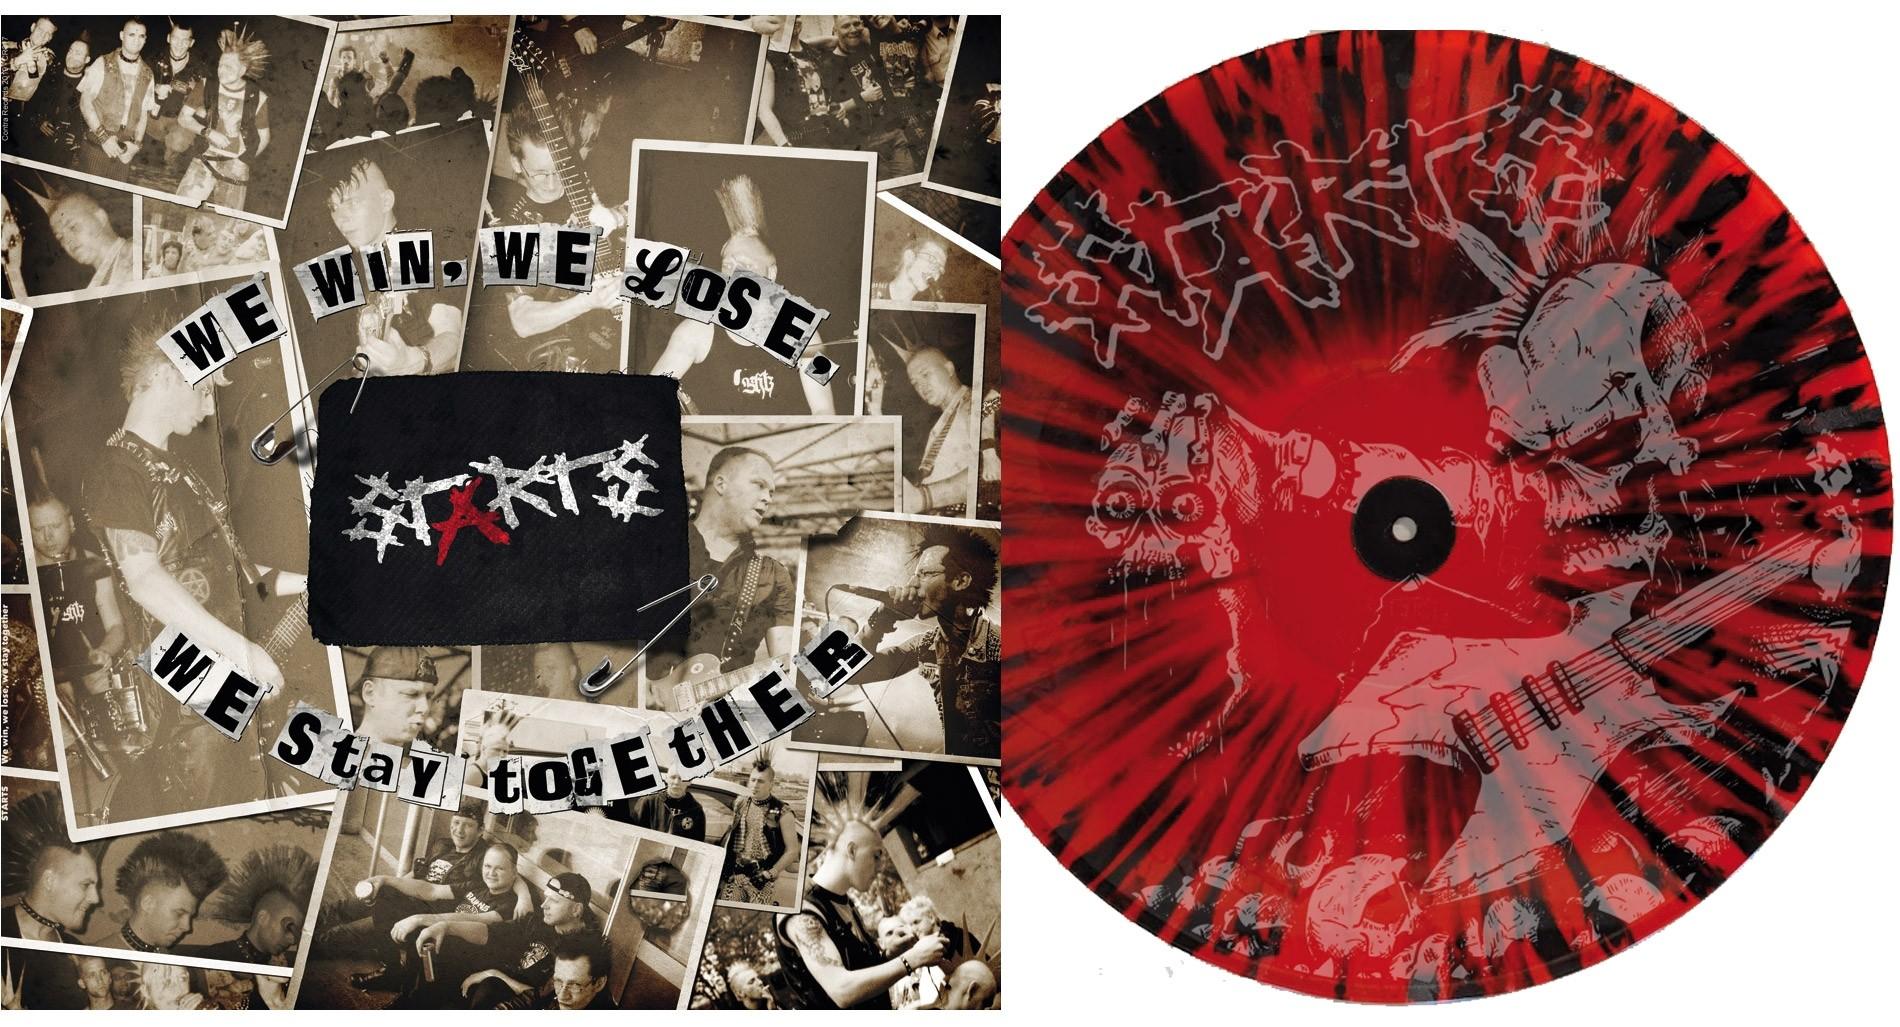 """Starts - """"We Win,We Lose,We Stay Together"""" etched b-side 12""""LP lim.200 splatter"""